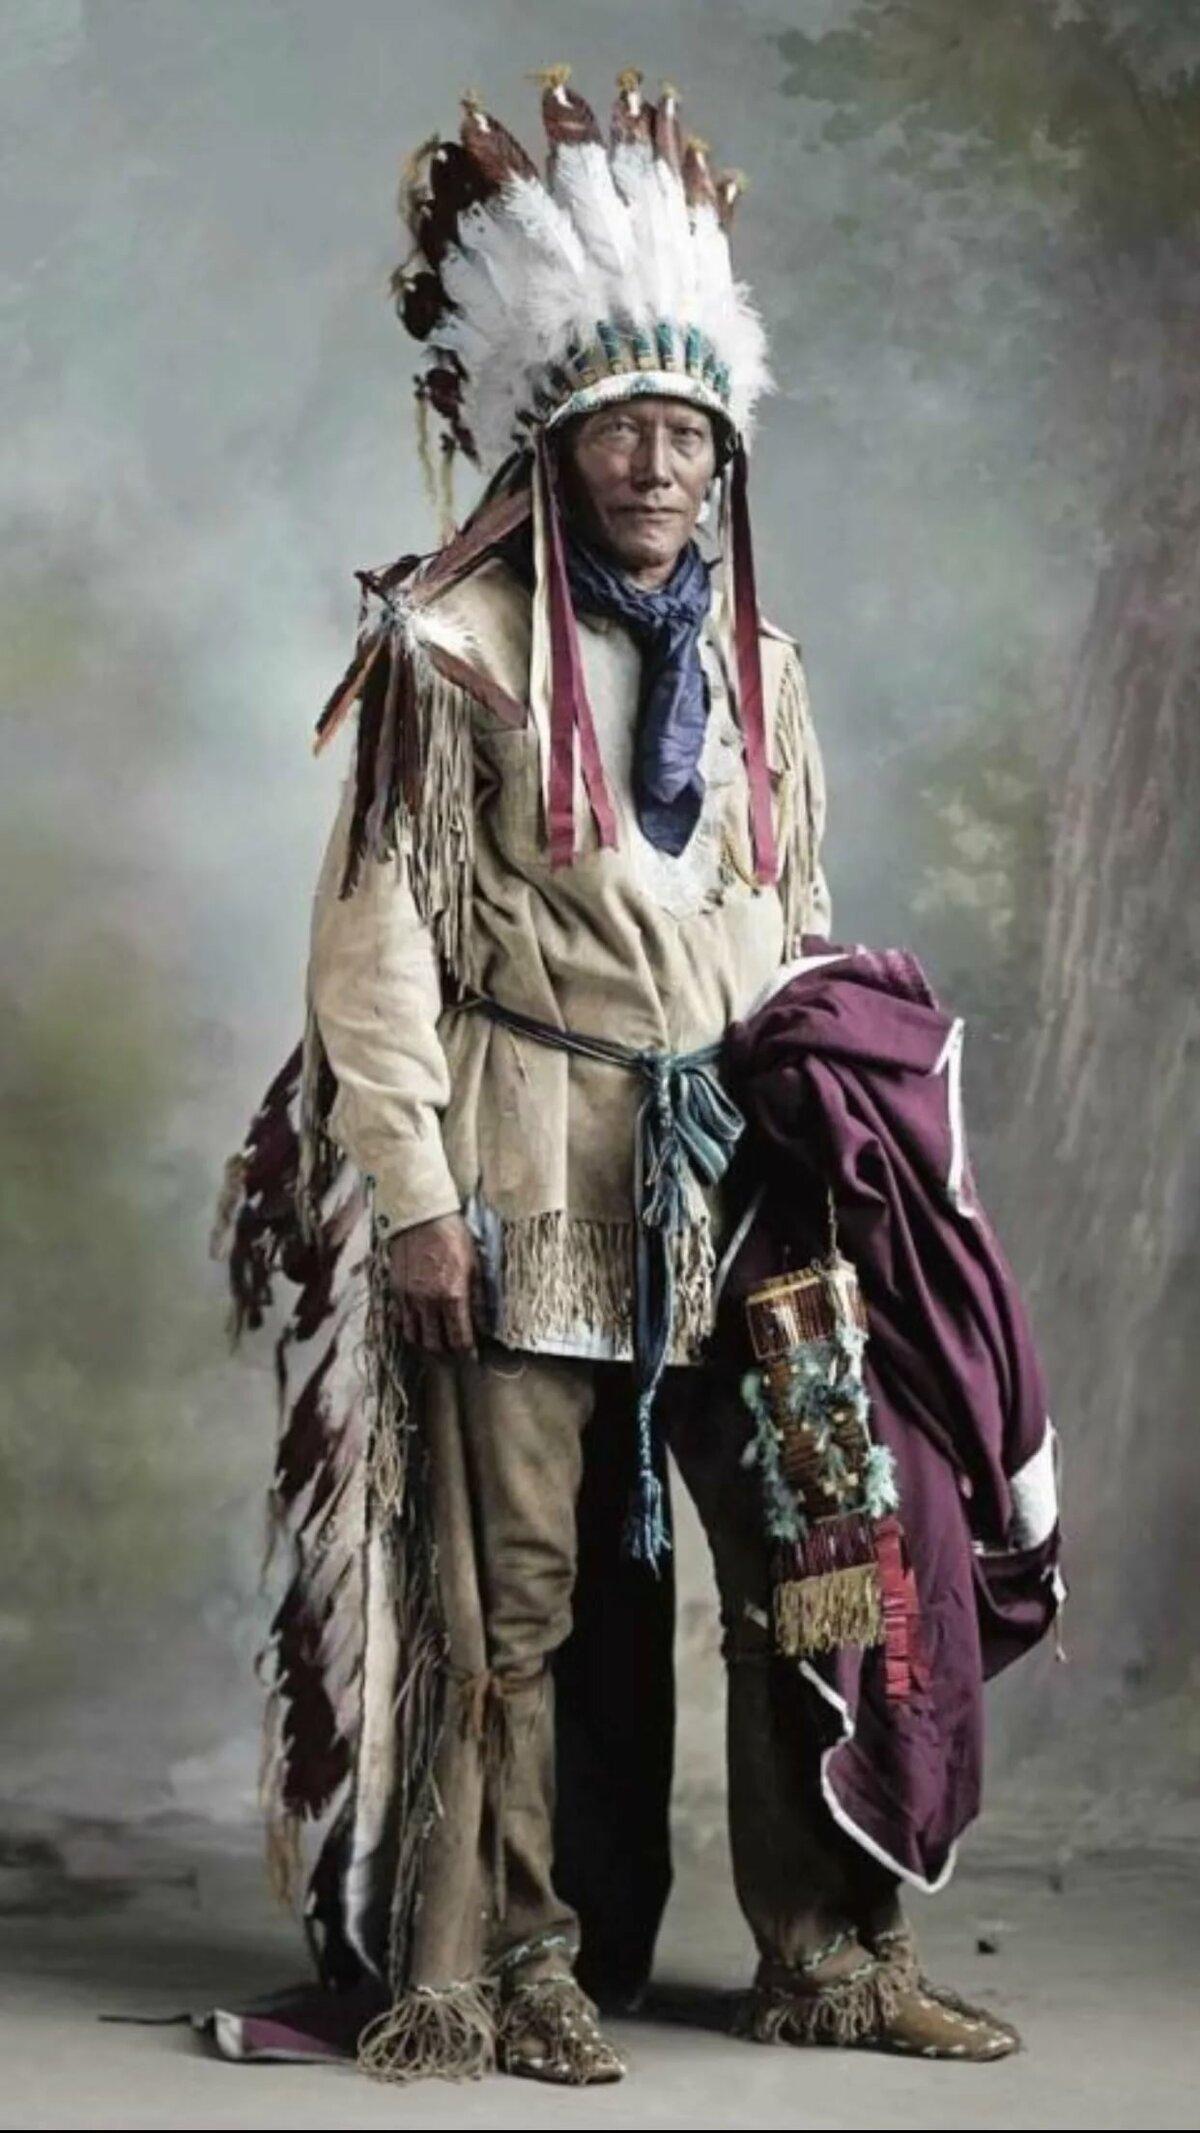 вопрос, что индейцы коллекция картинок название вам говорить